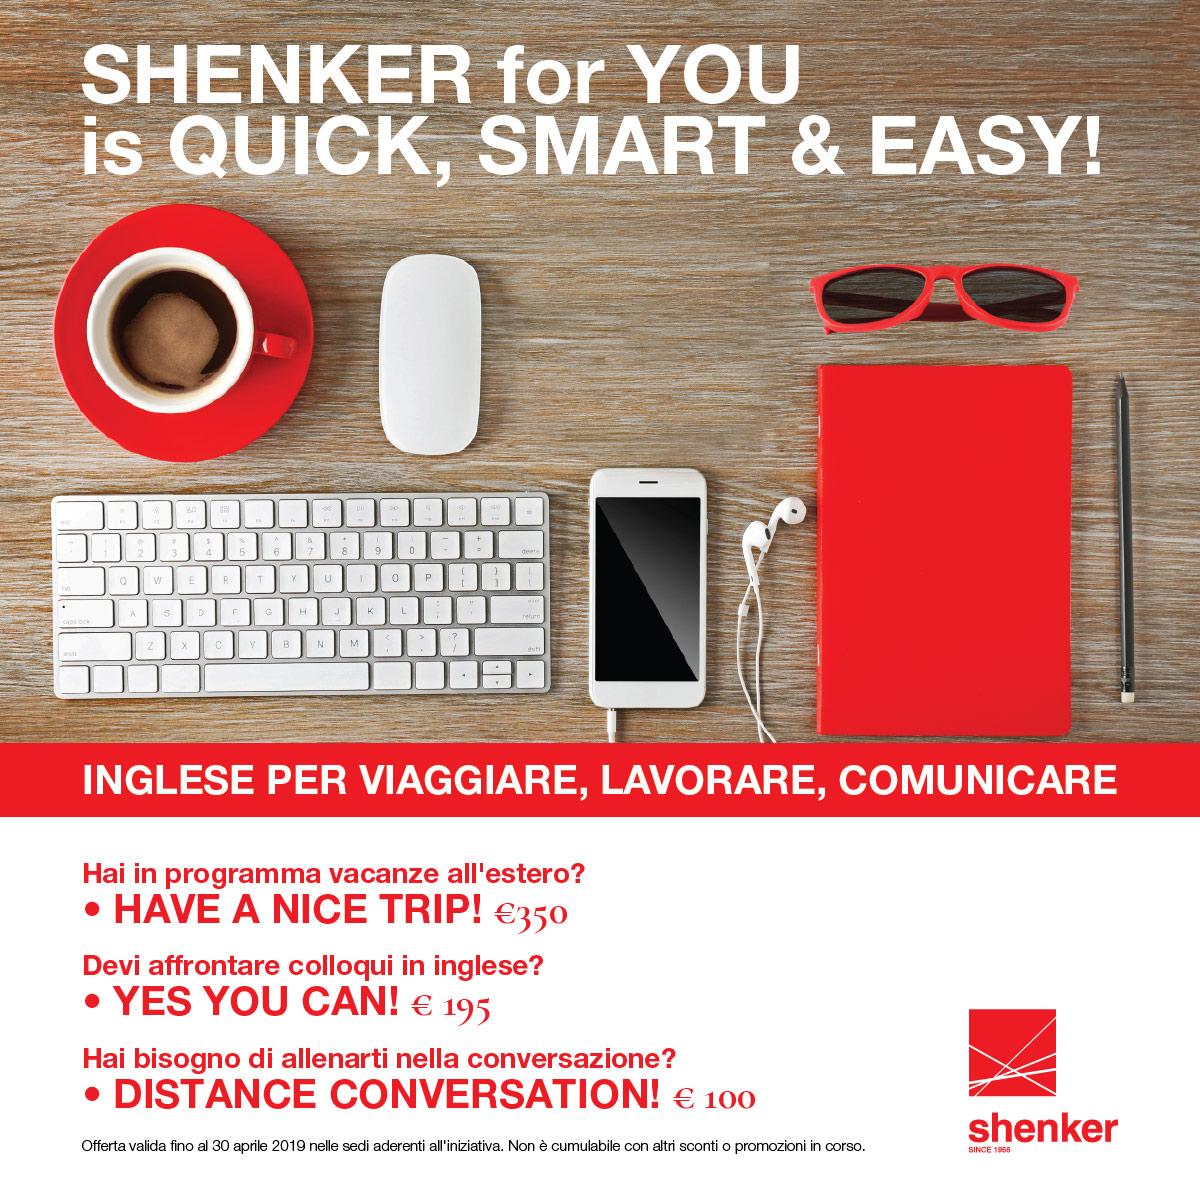 Shenker for you